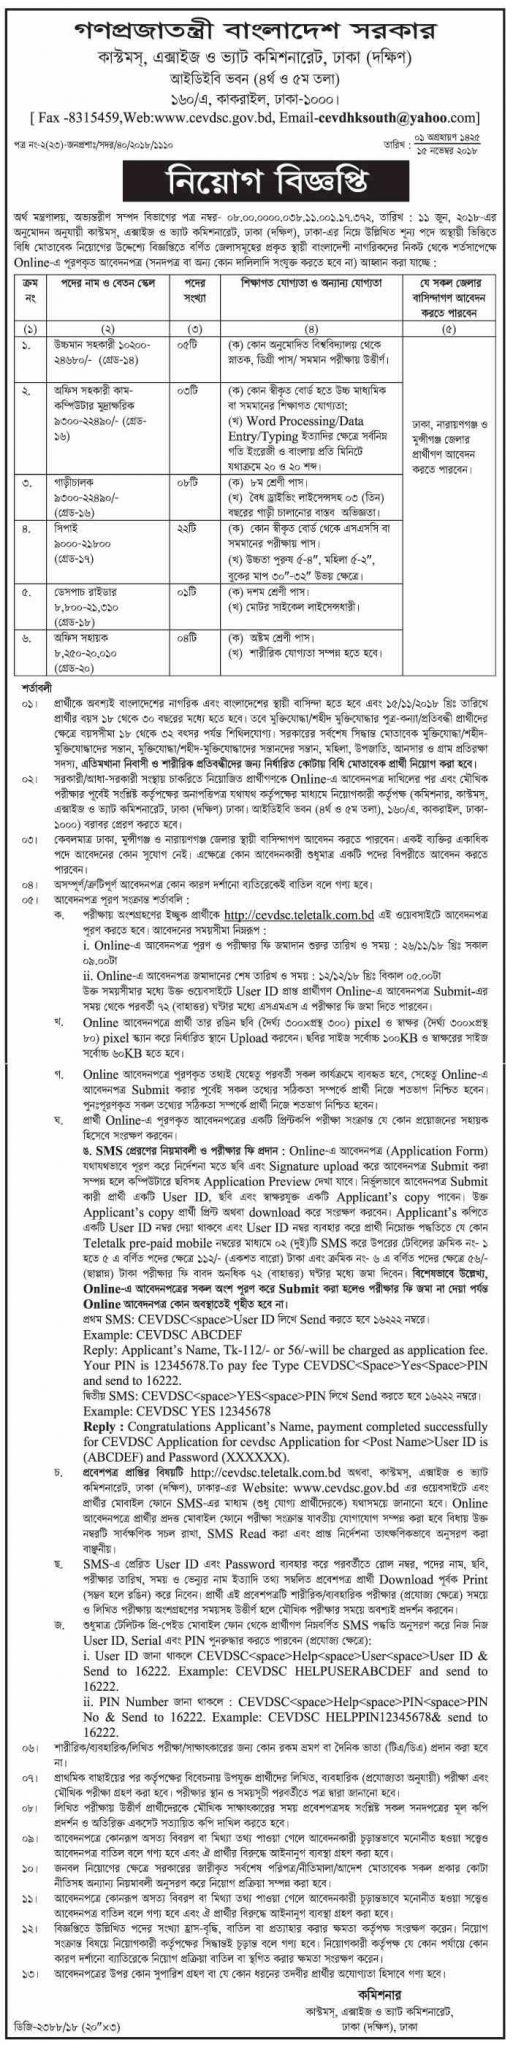 Bangladesh Customs House Job Circular 2018